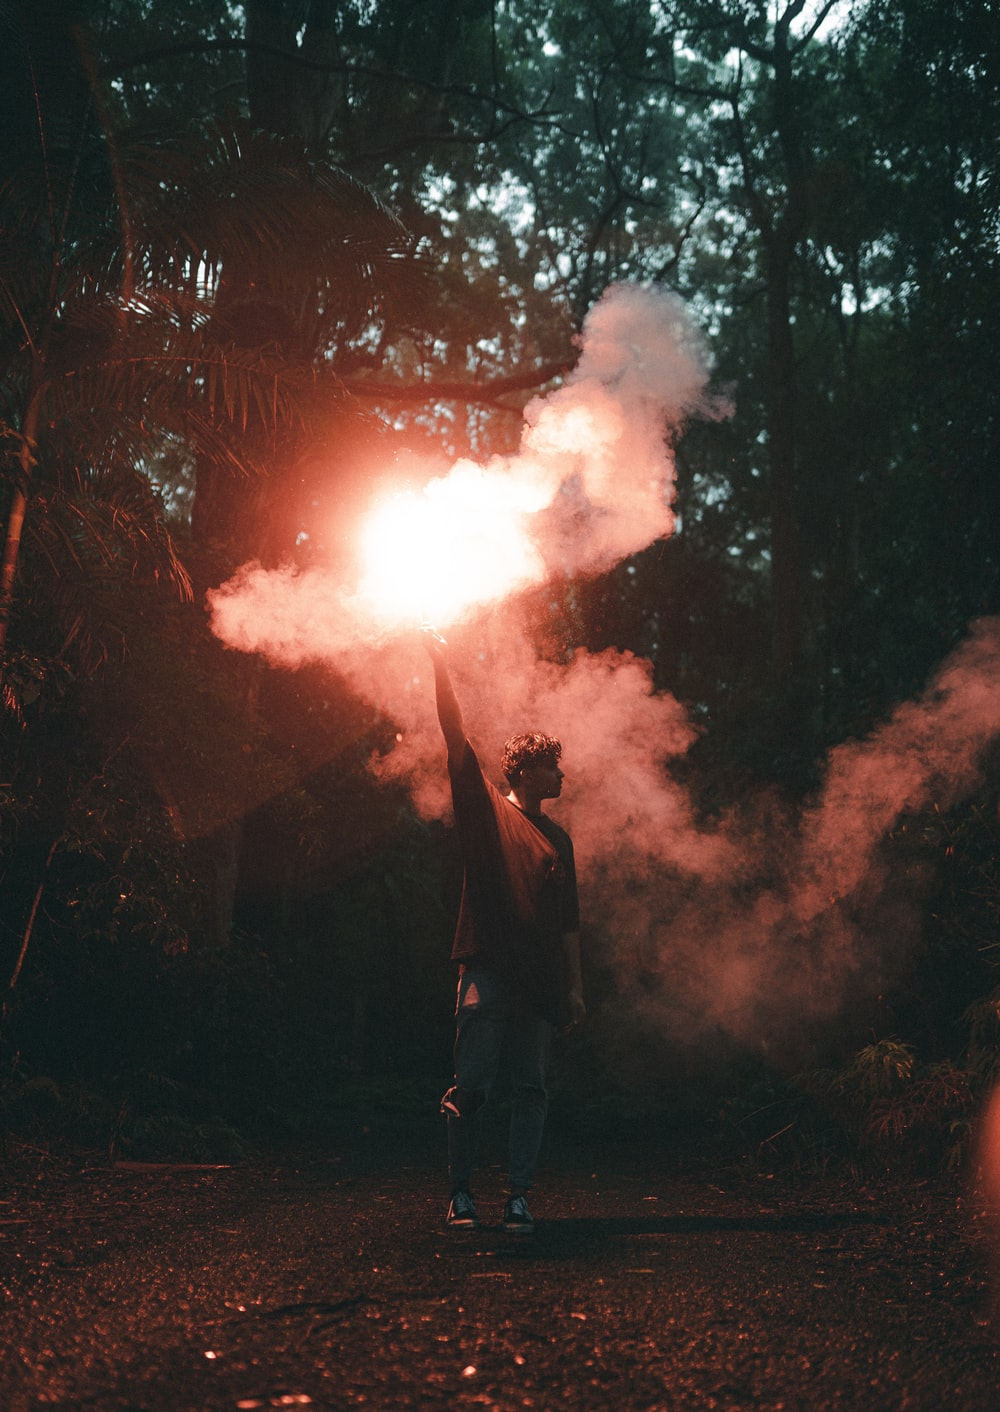 man in black jacket standing near fire